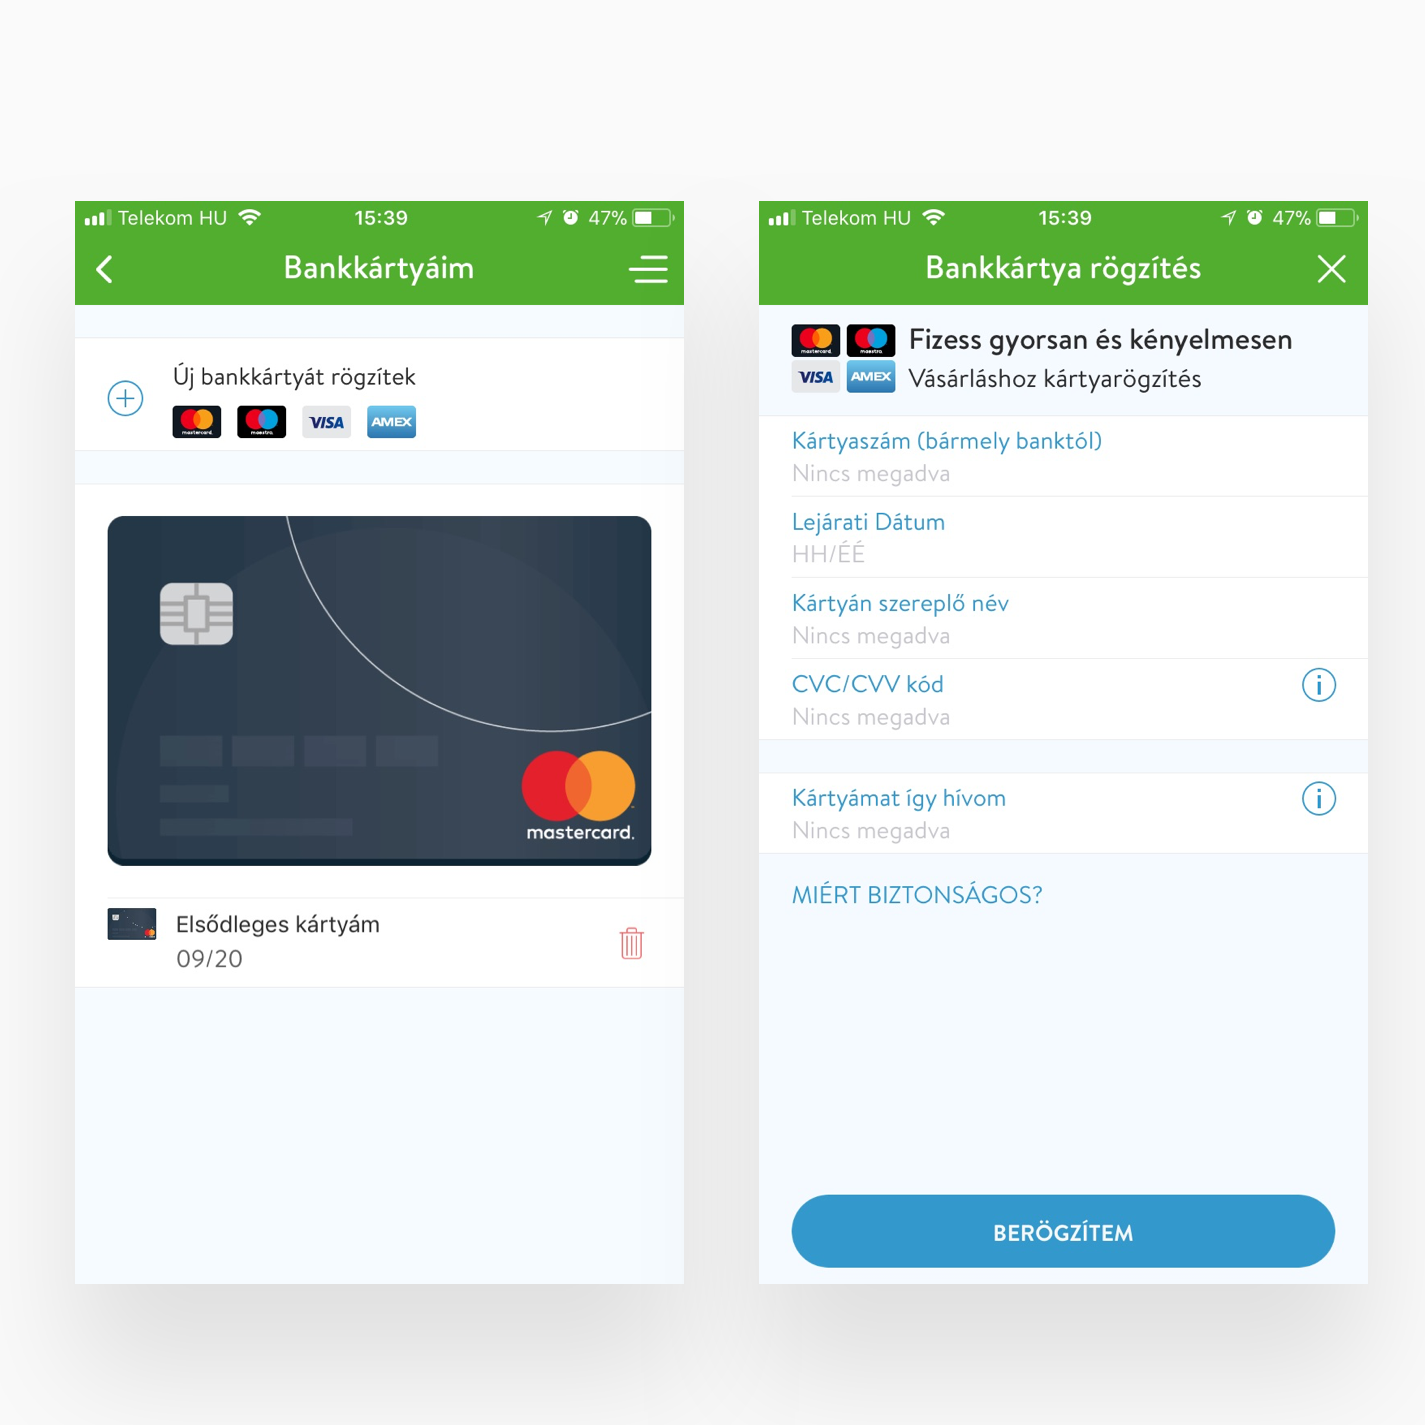 Bankkártya rögzítés és Bankkártyáim